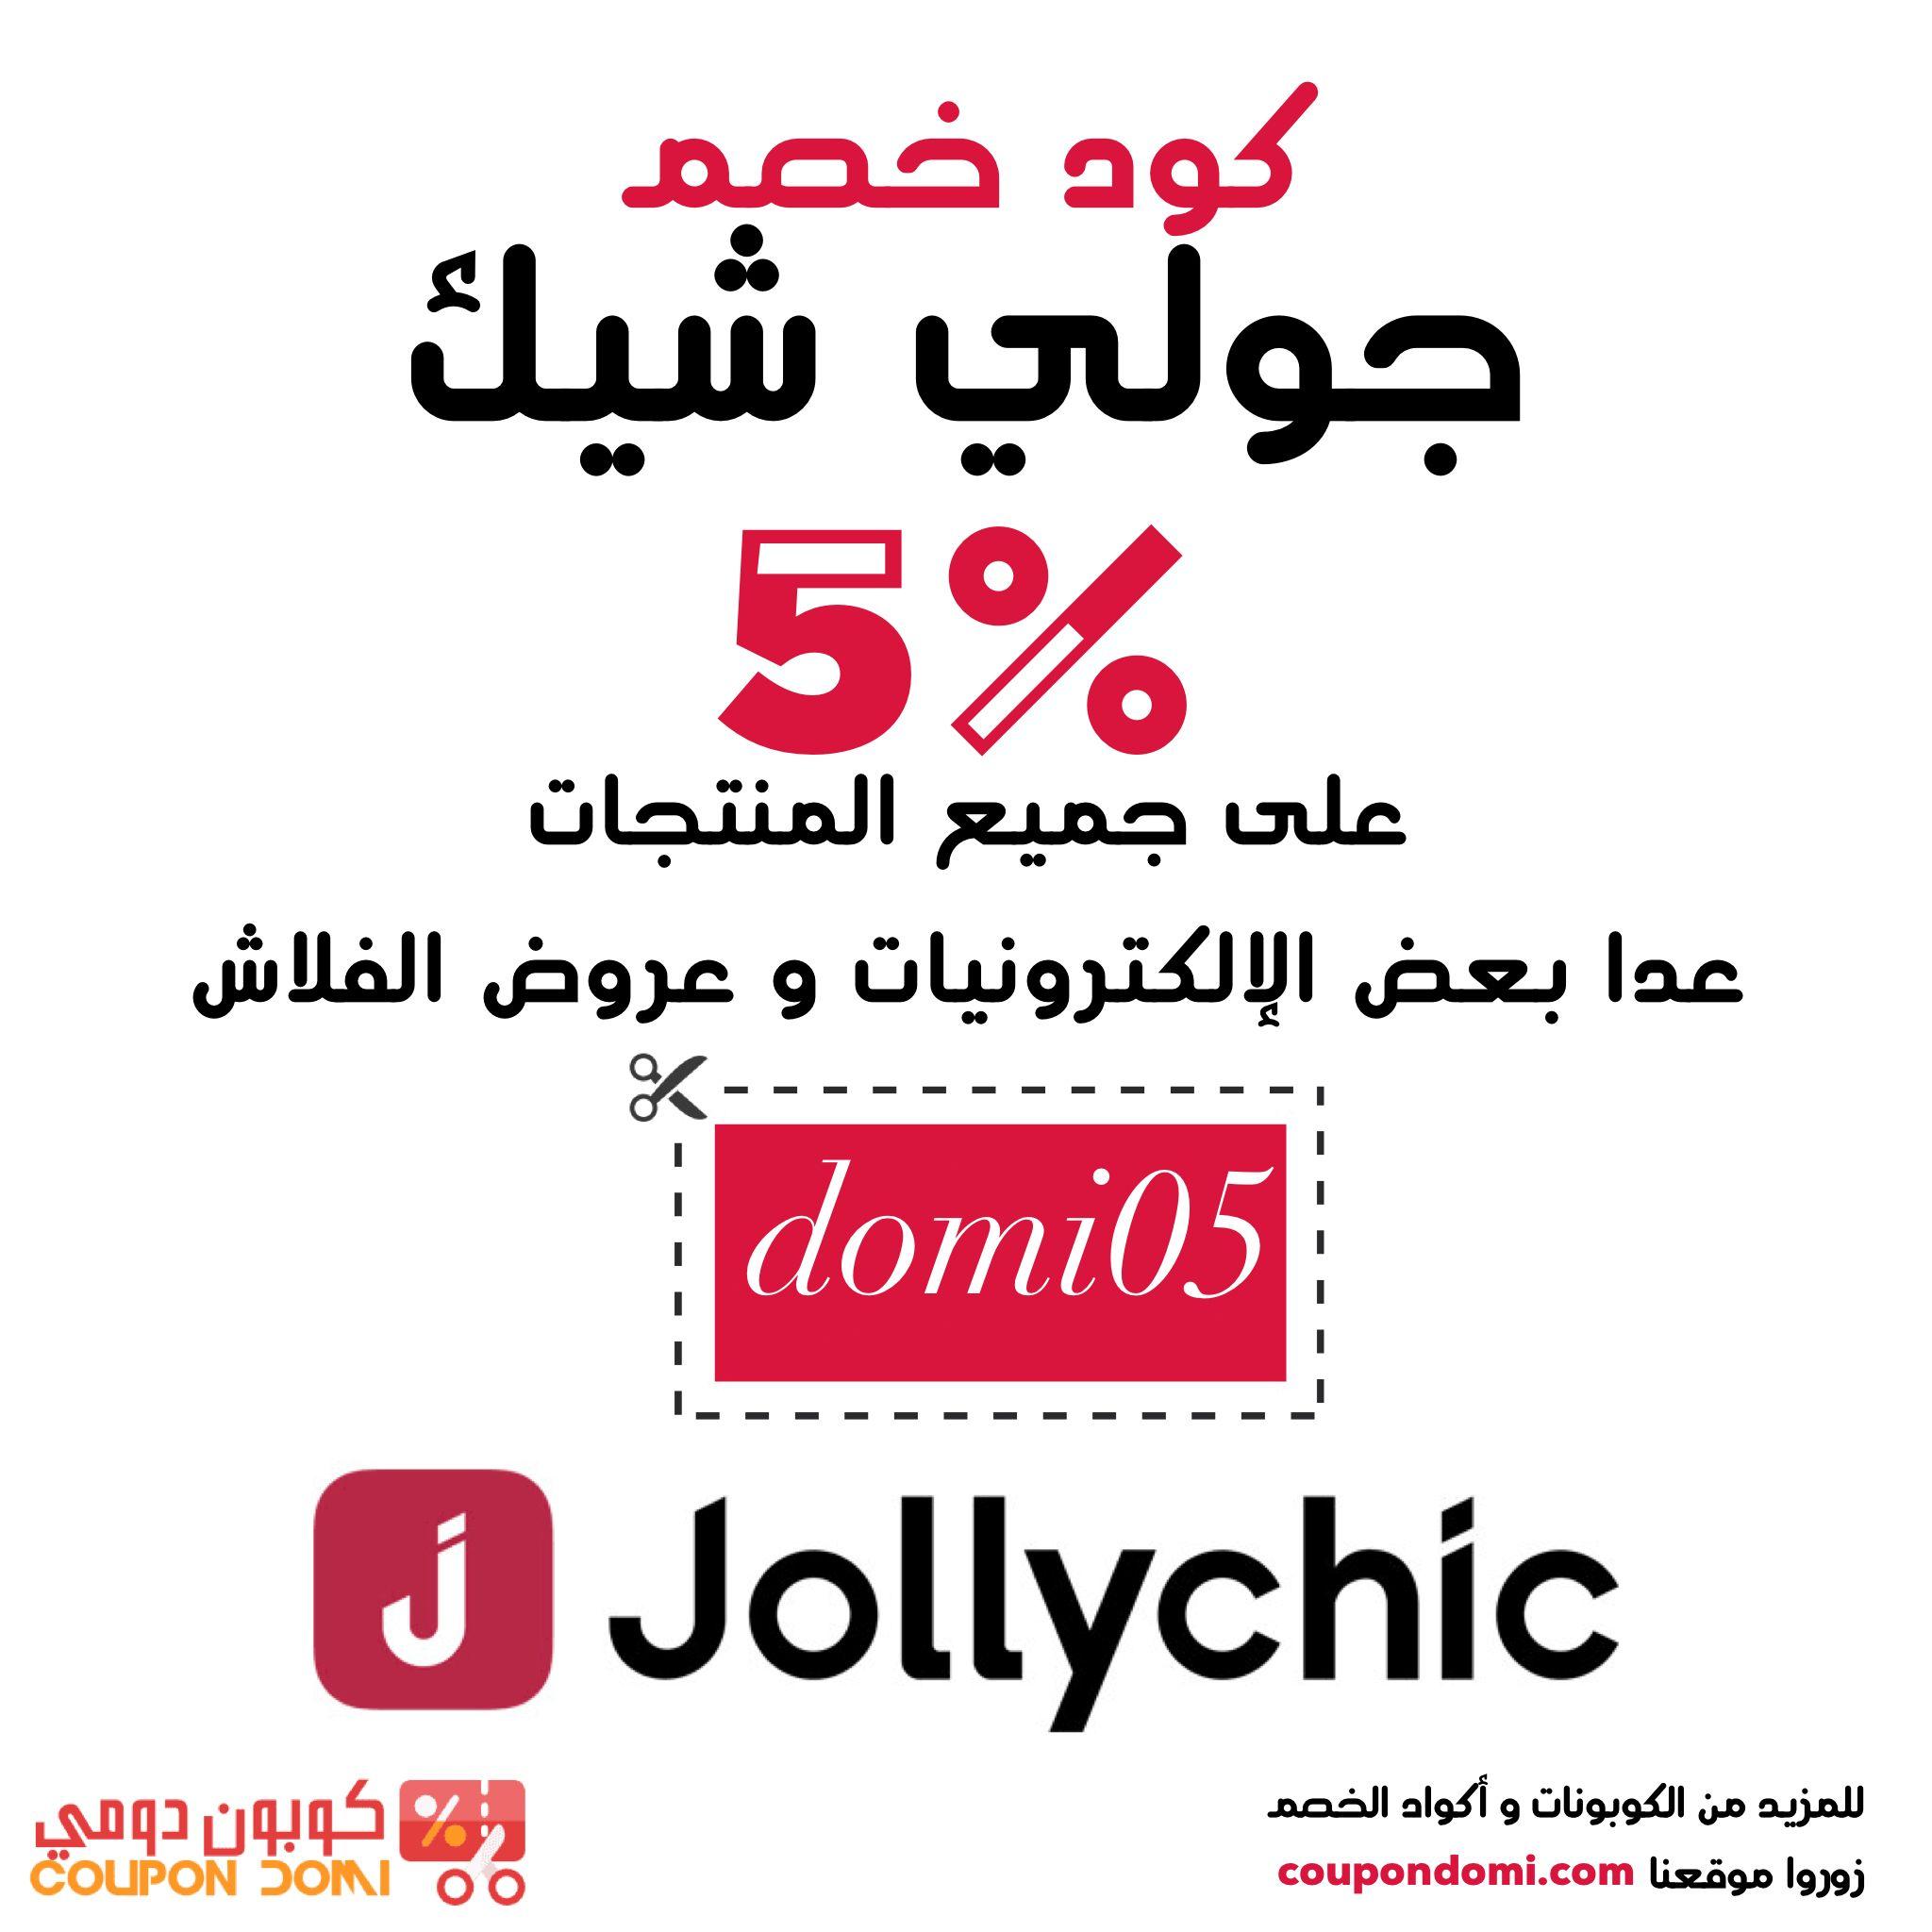 كود خصم جولي شيك 5 على جميع المنتجات من Jollychic North Face Logo Retail Logos The North Face Logo